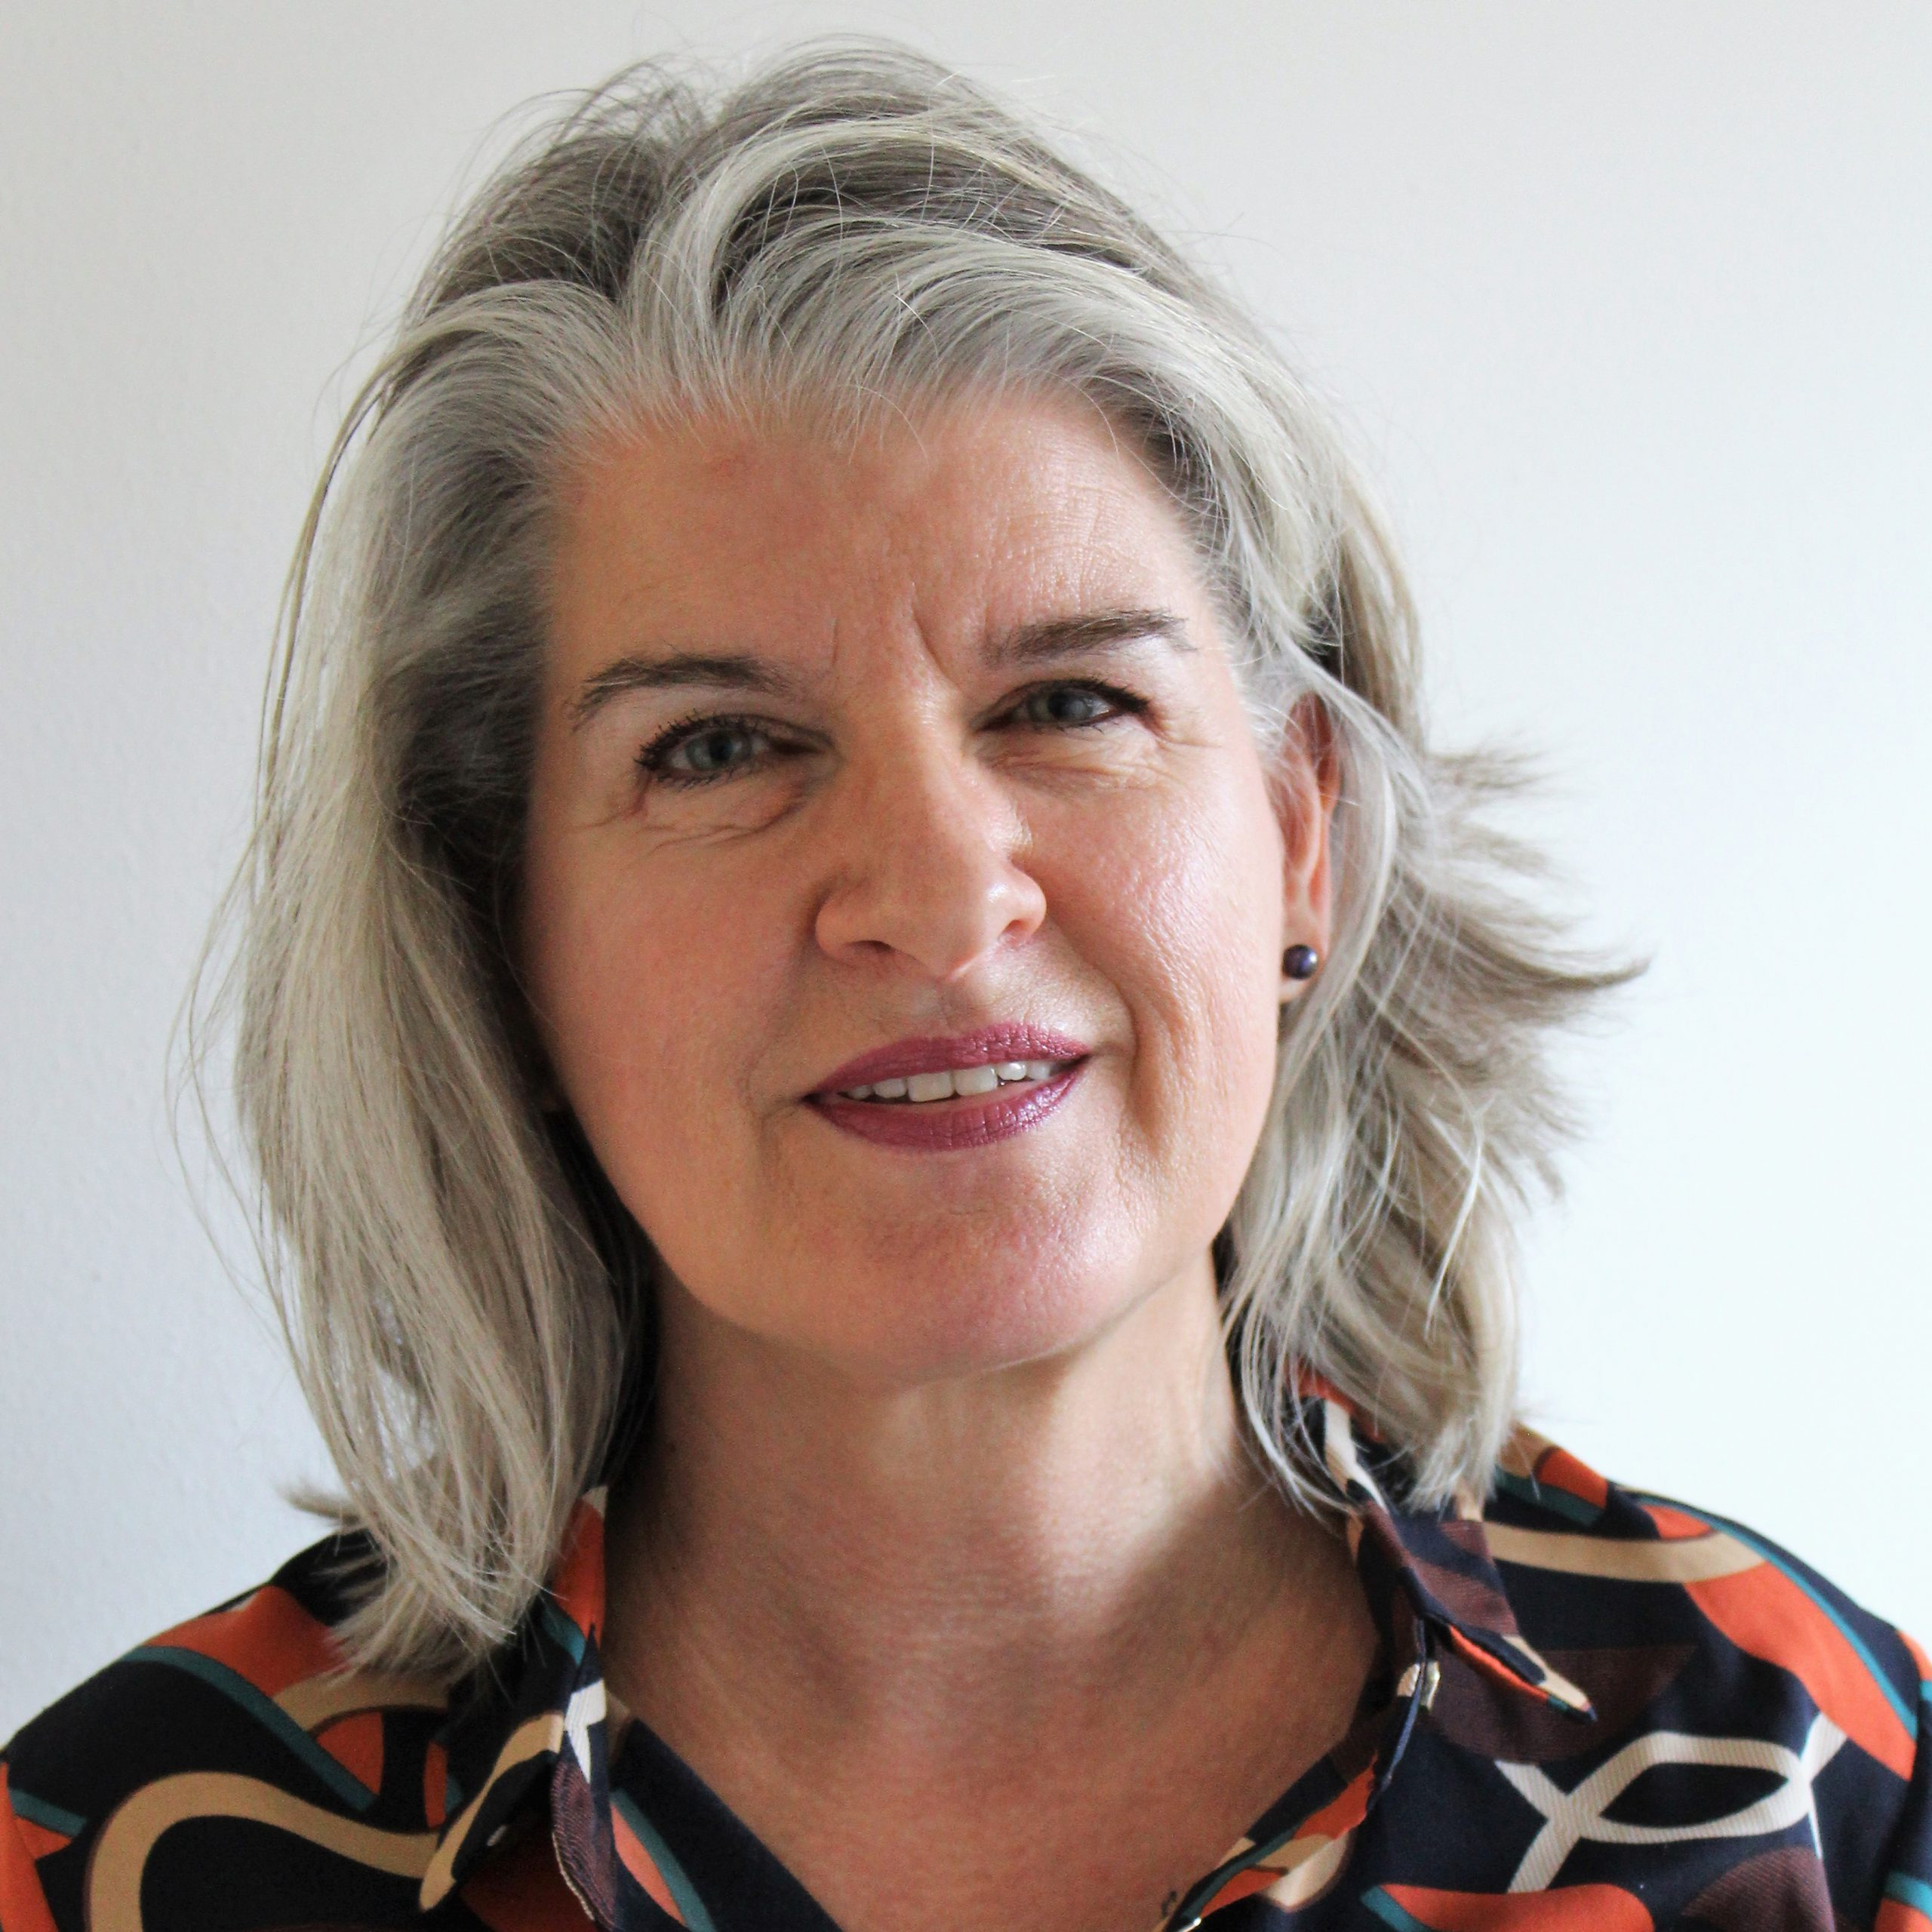 Nicolle van Gemert